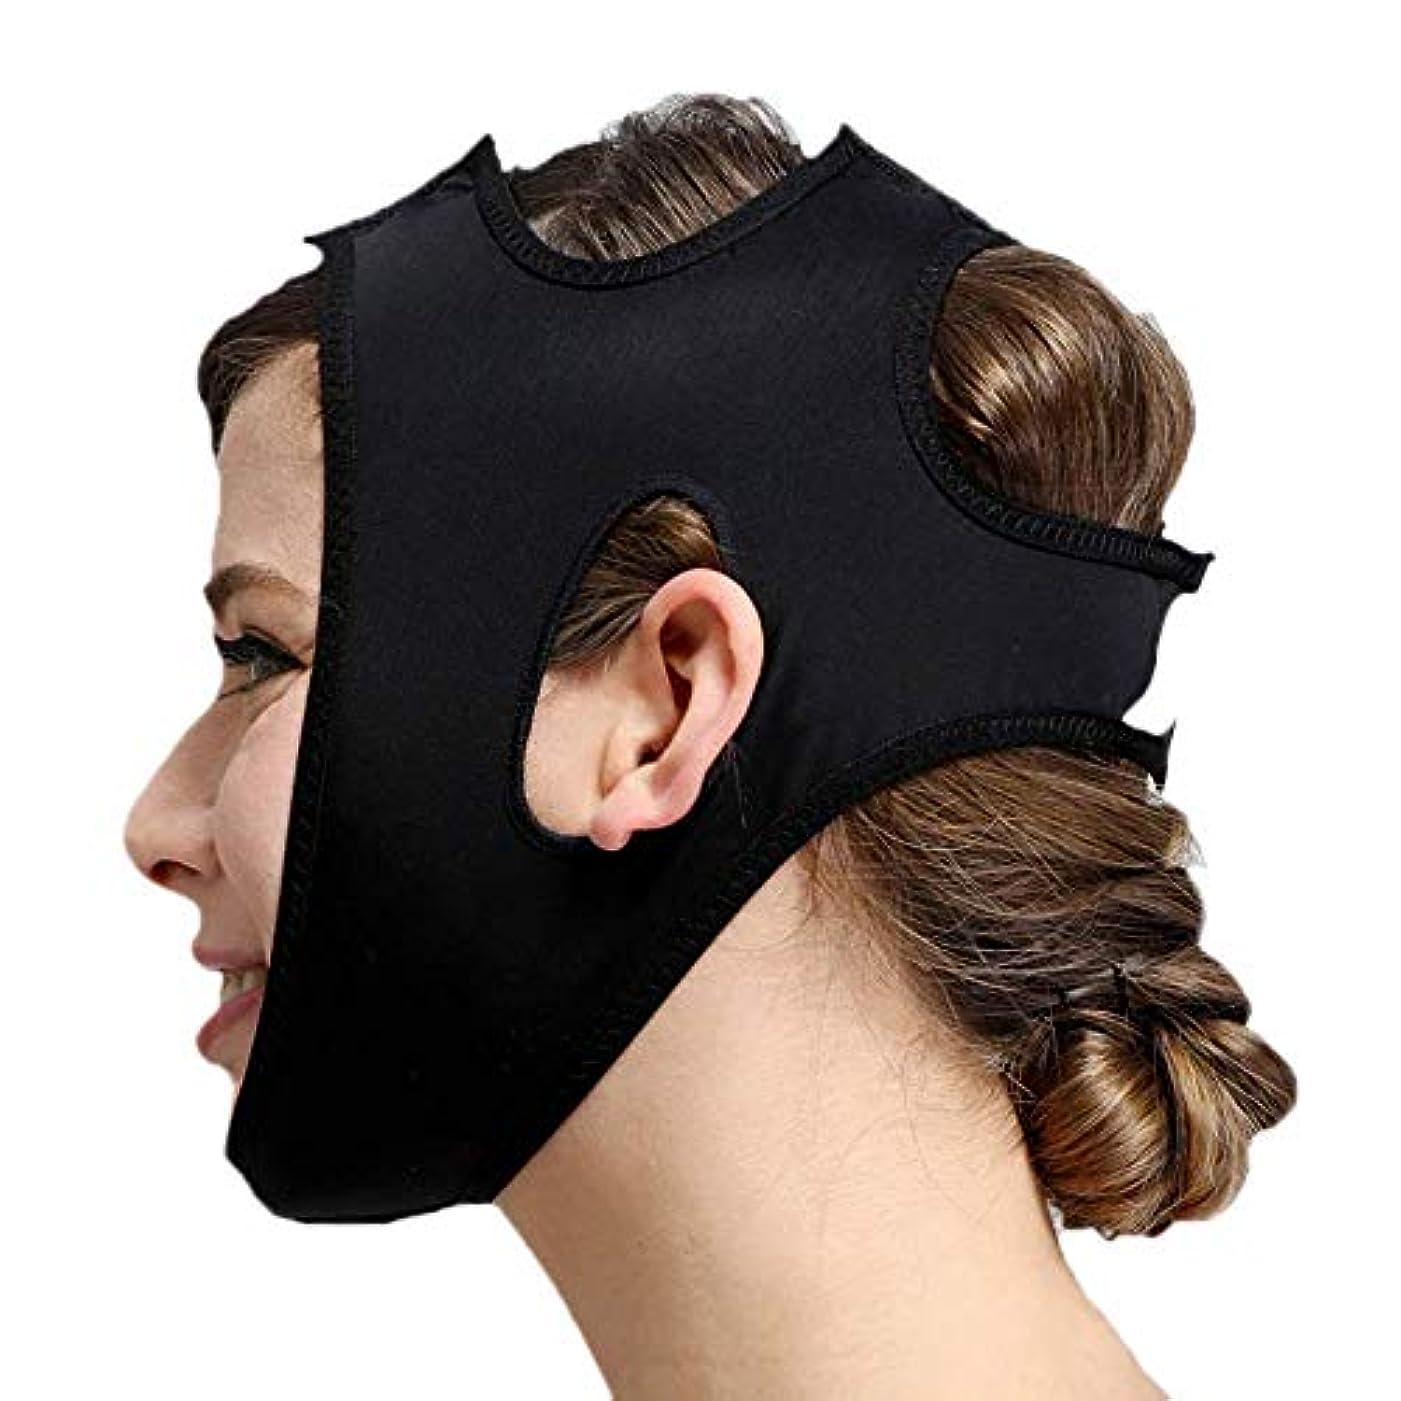 感情大使館独創的フェイススリミングマスク、快適さと通気性、フェイシャルリフティング、輪郭の改善された硬さ、ファーミングとリフティングフェイス(カラー:ブラック、サイズ:XL),黒、S